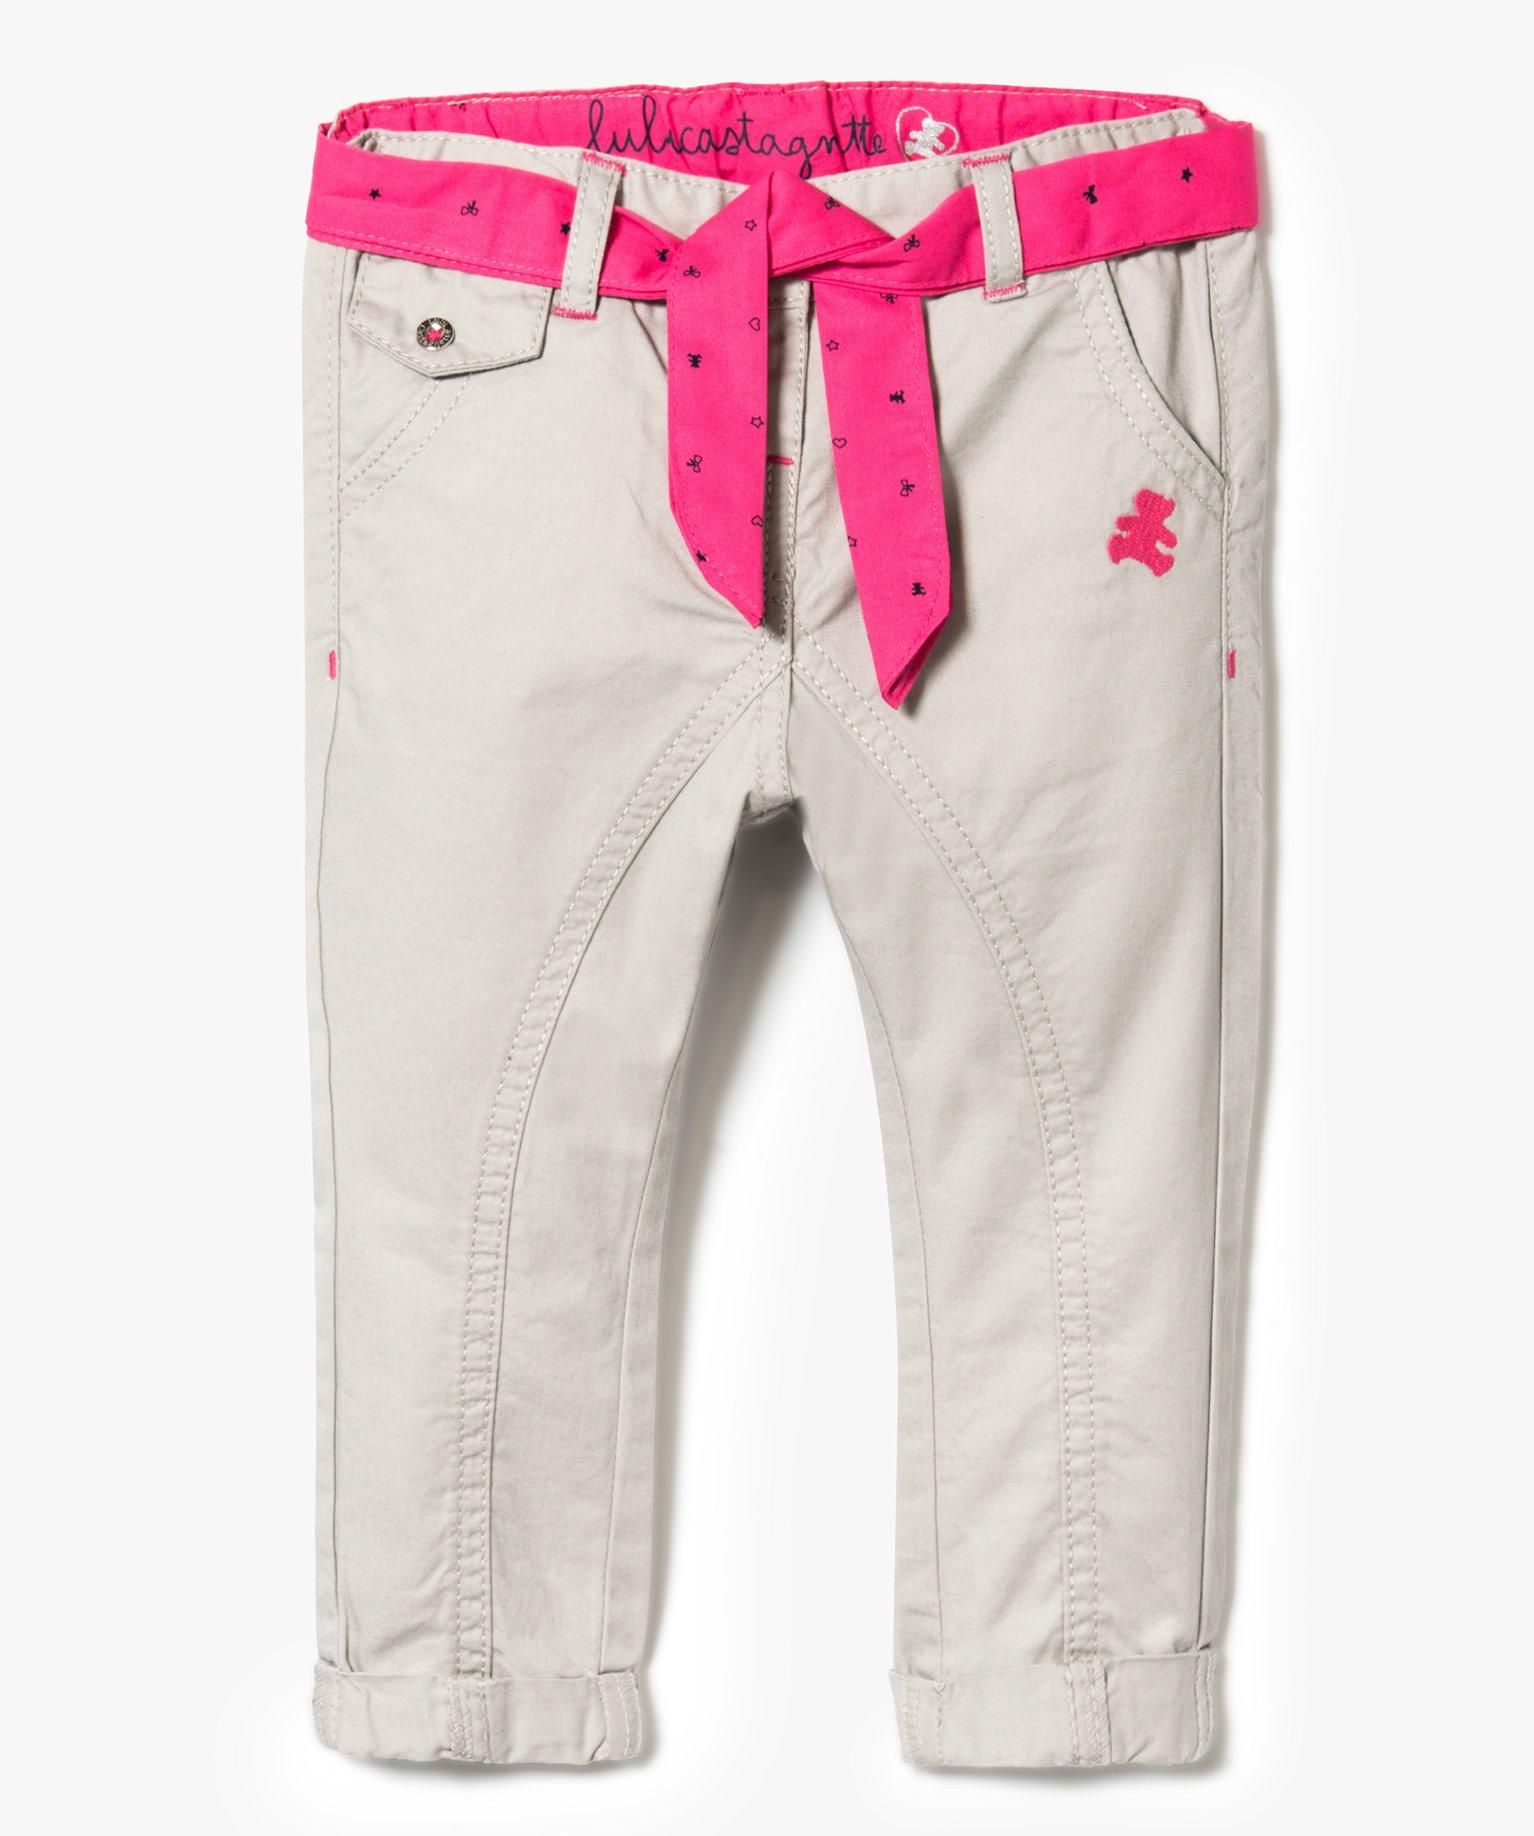 Pantalon façon jodhpurs avec ceinture foulard